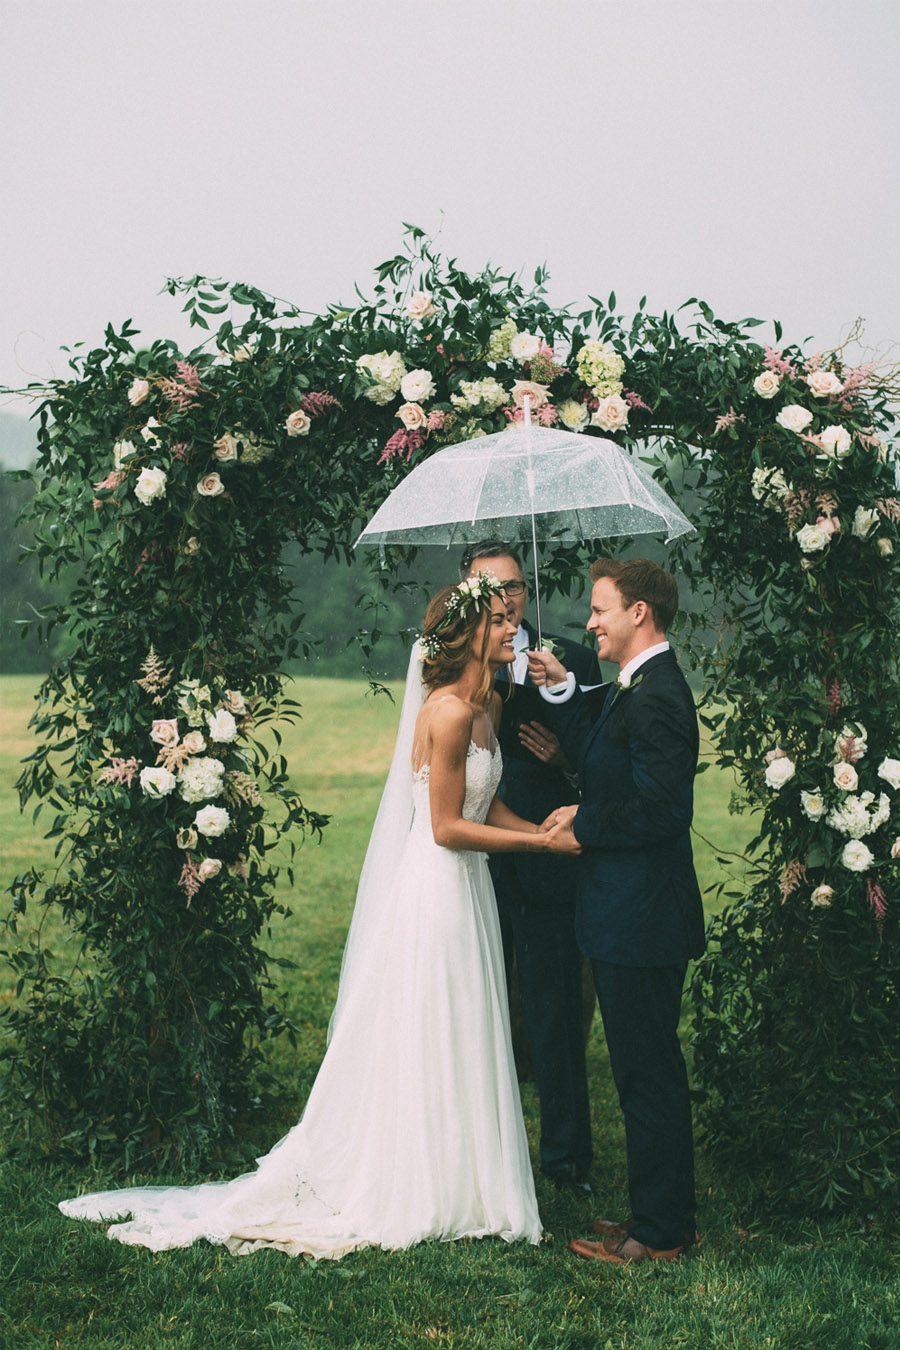 BODA LLUVIOSA, NOVIA DICHOSA otoño-boda